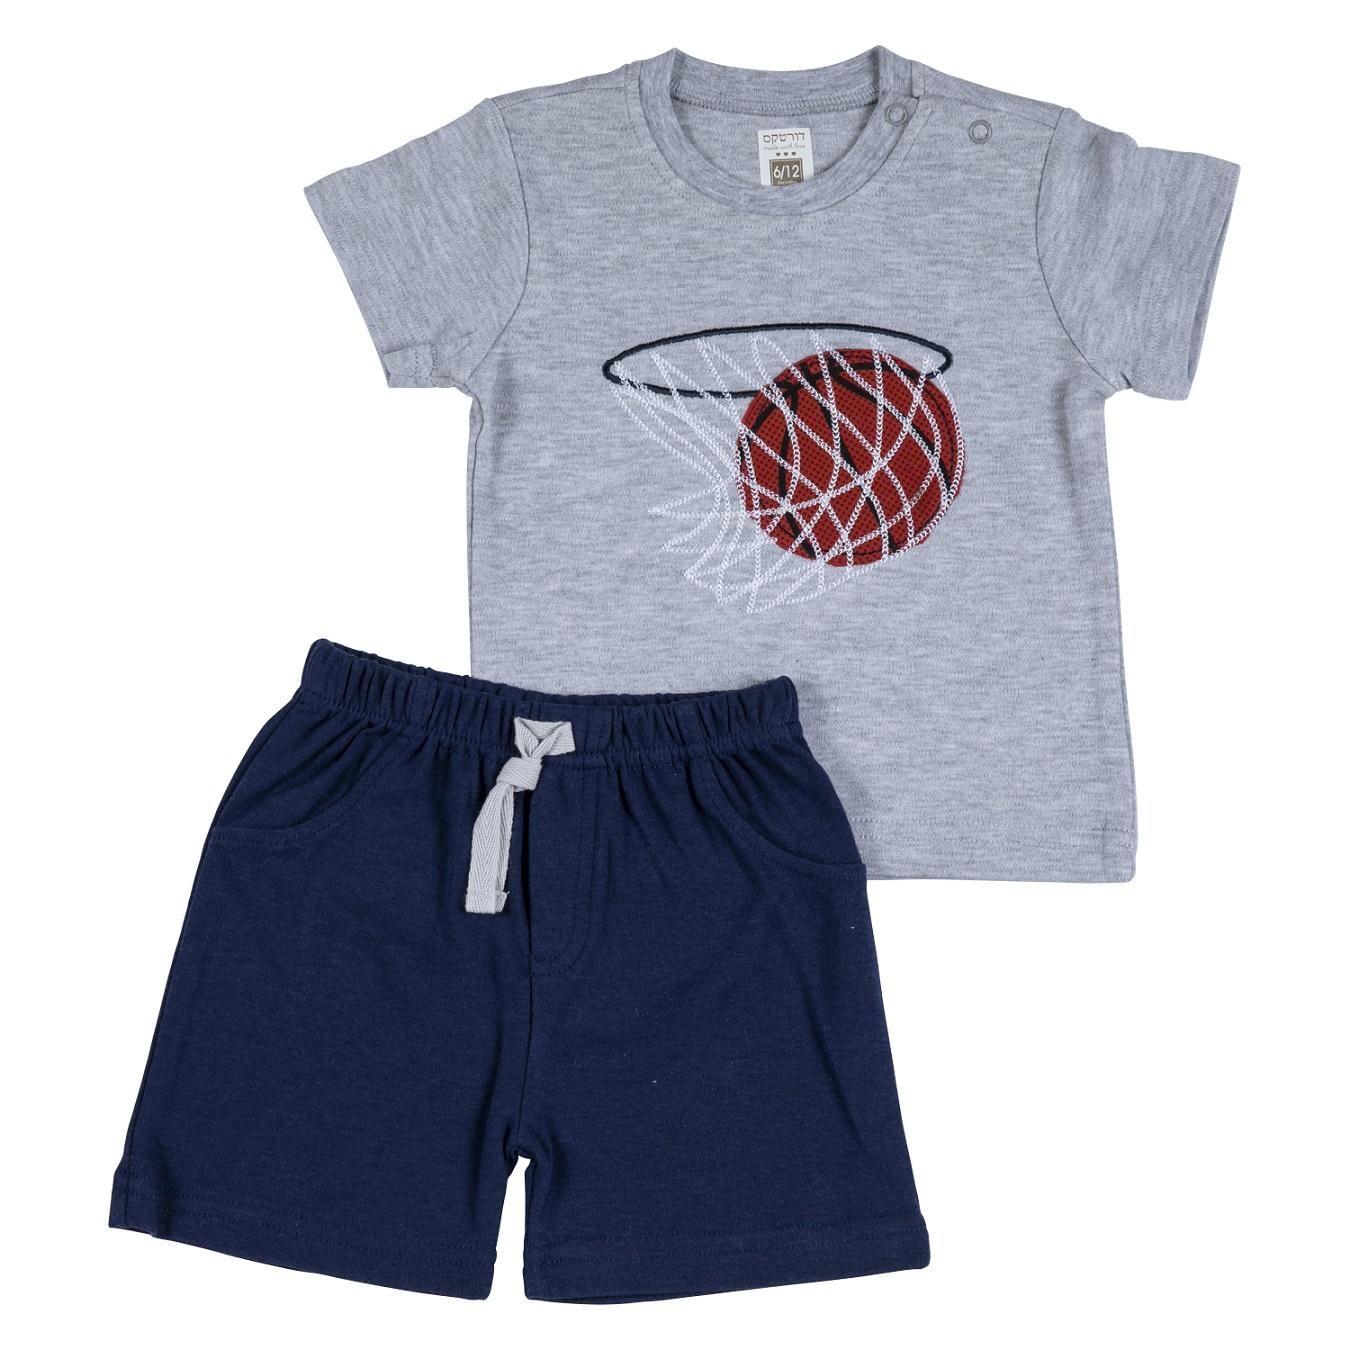 חליפה קצרה הדפס כדורסל אפור מלאנג'